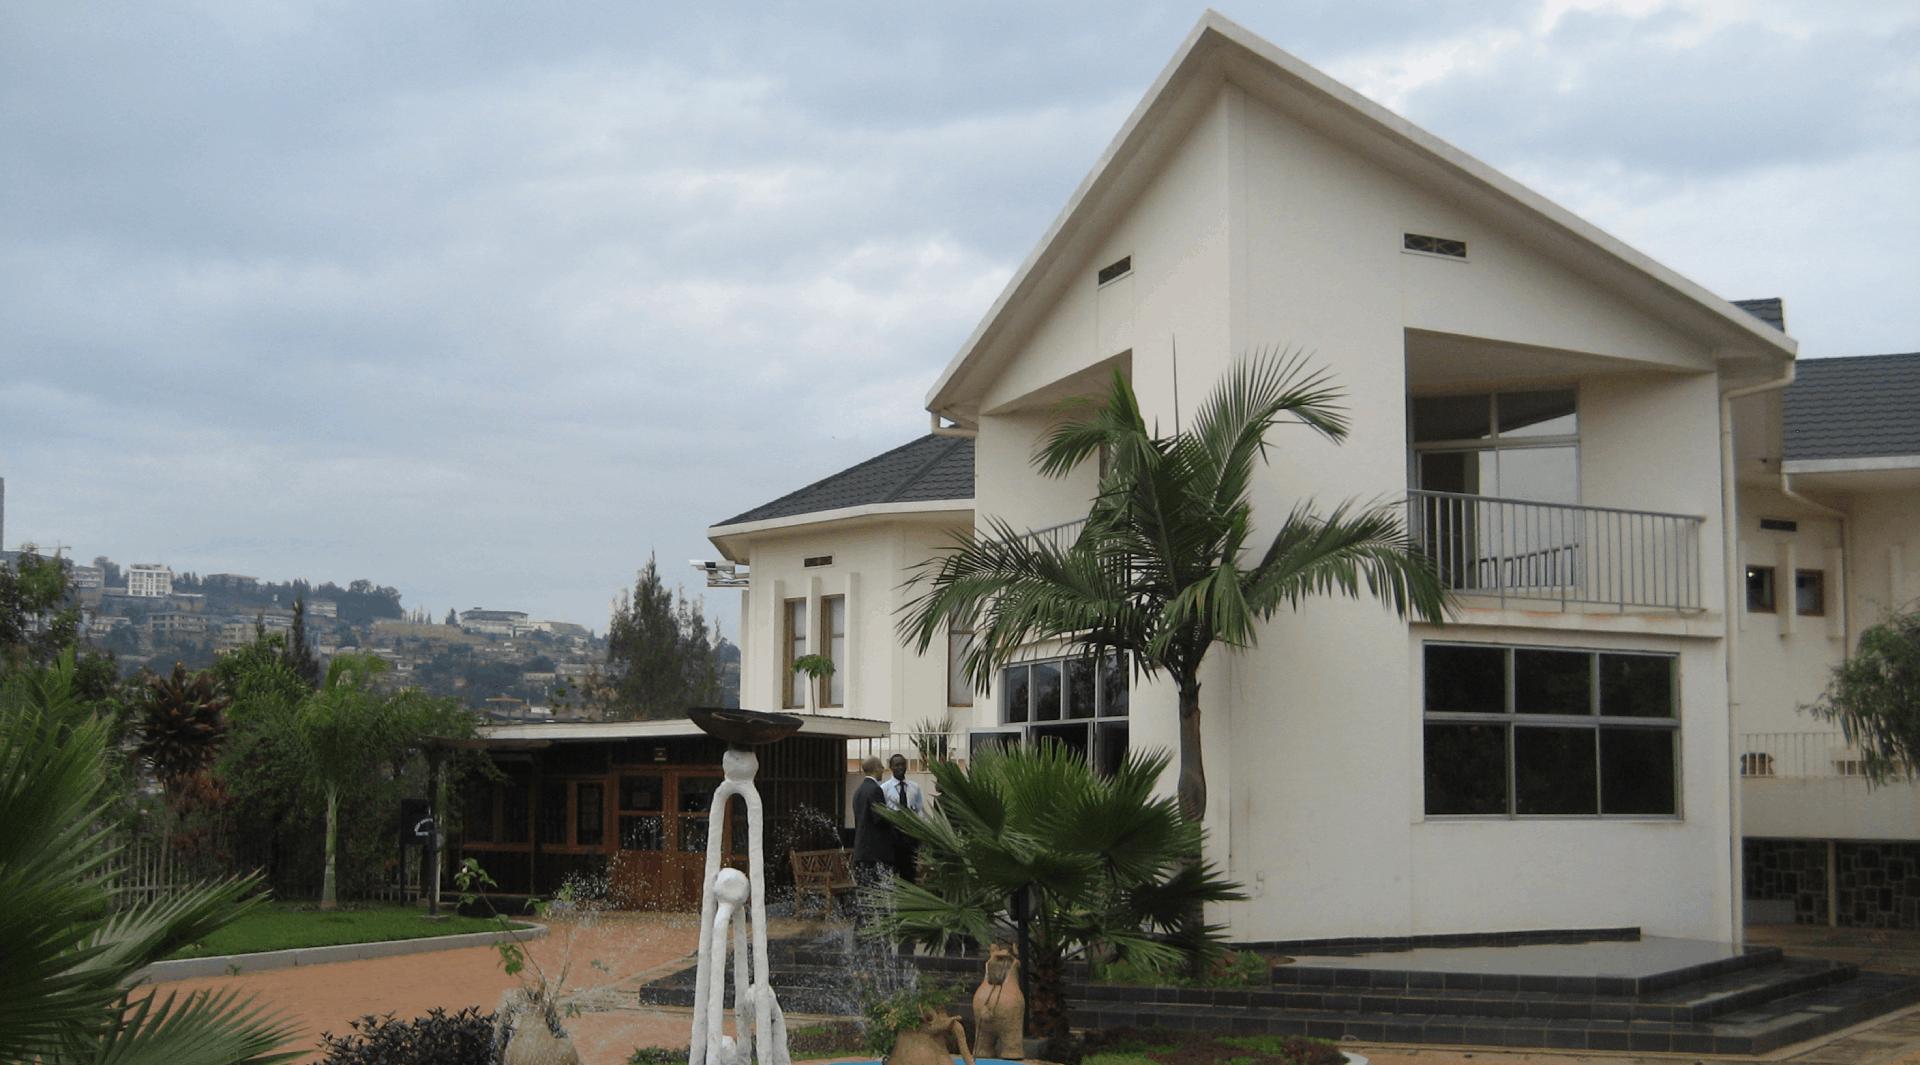 Kigali Genocide Memorial Rwanda